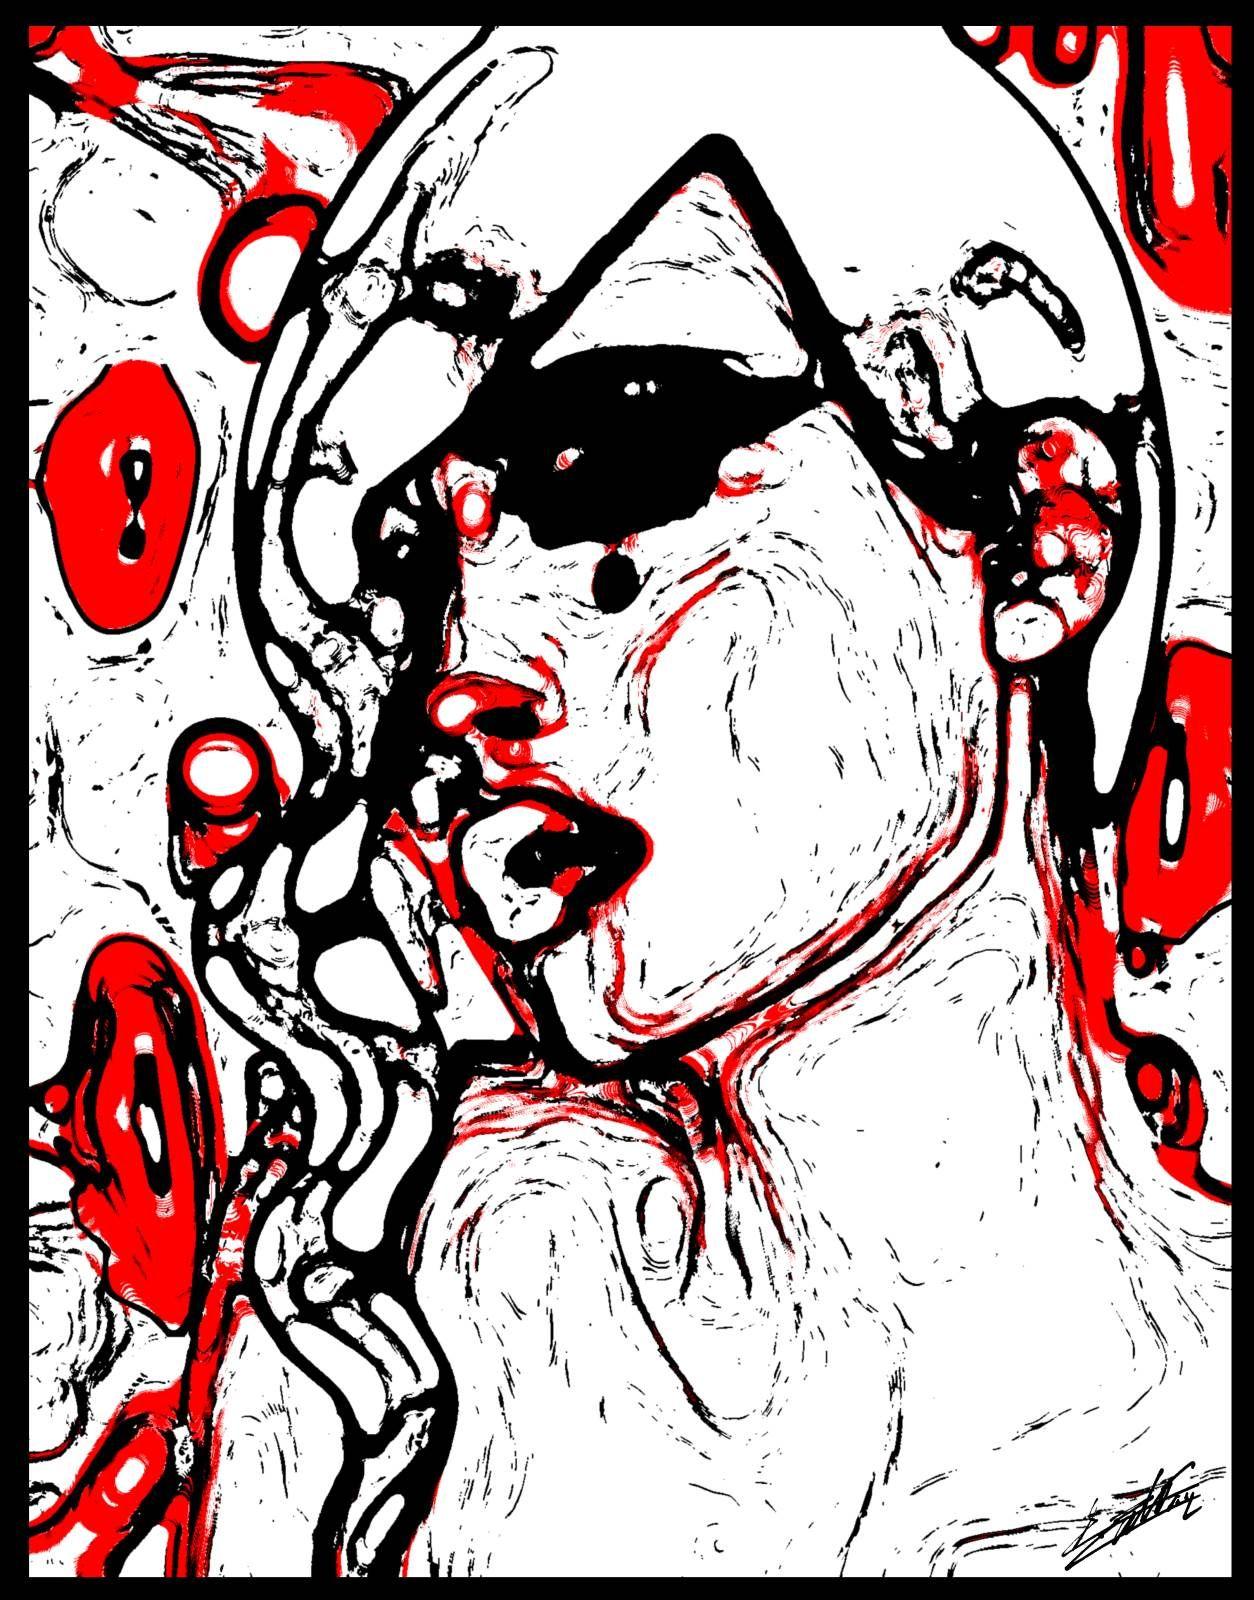 Peinture visage femme moderne et contemporain Noir et blanc rouge